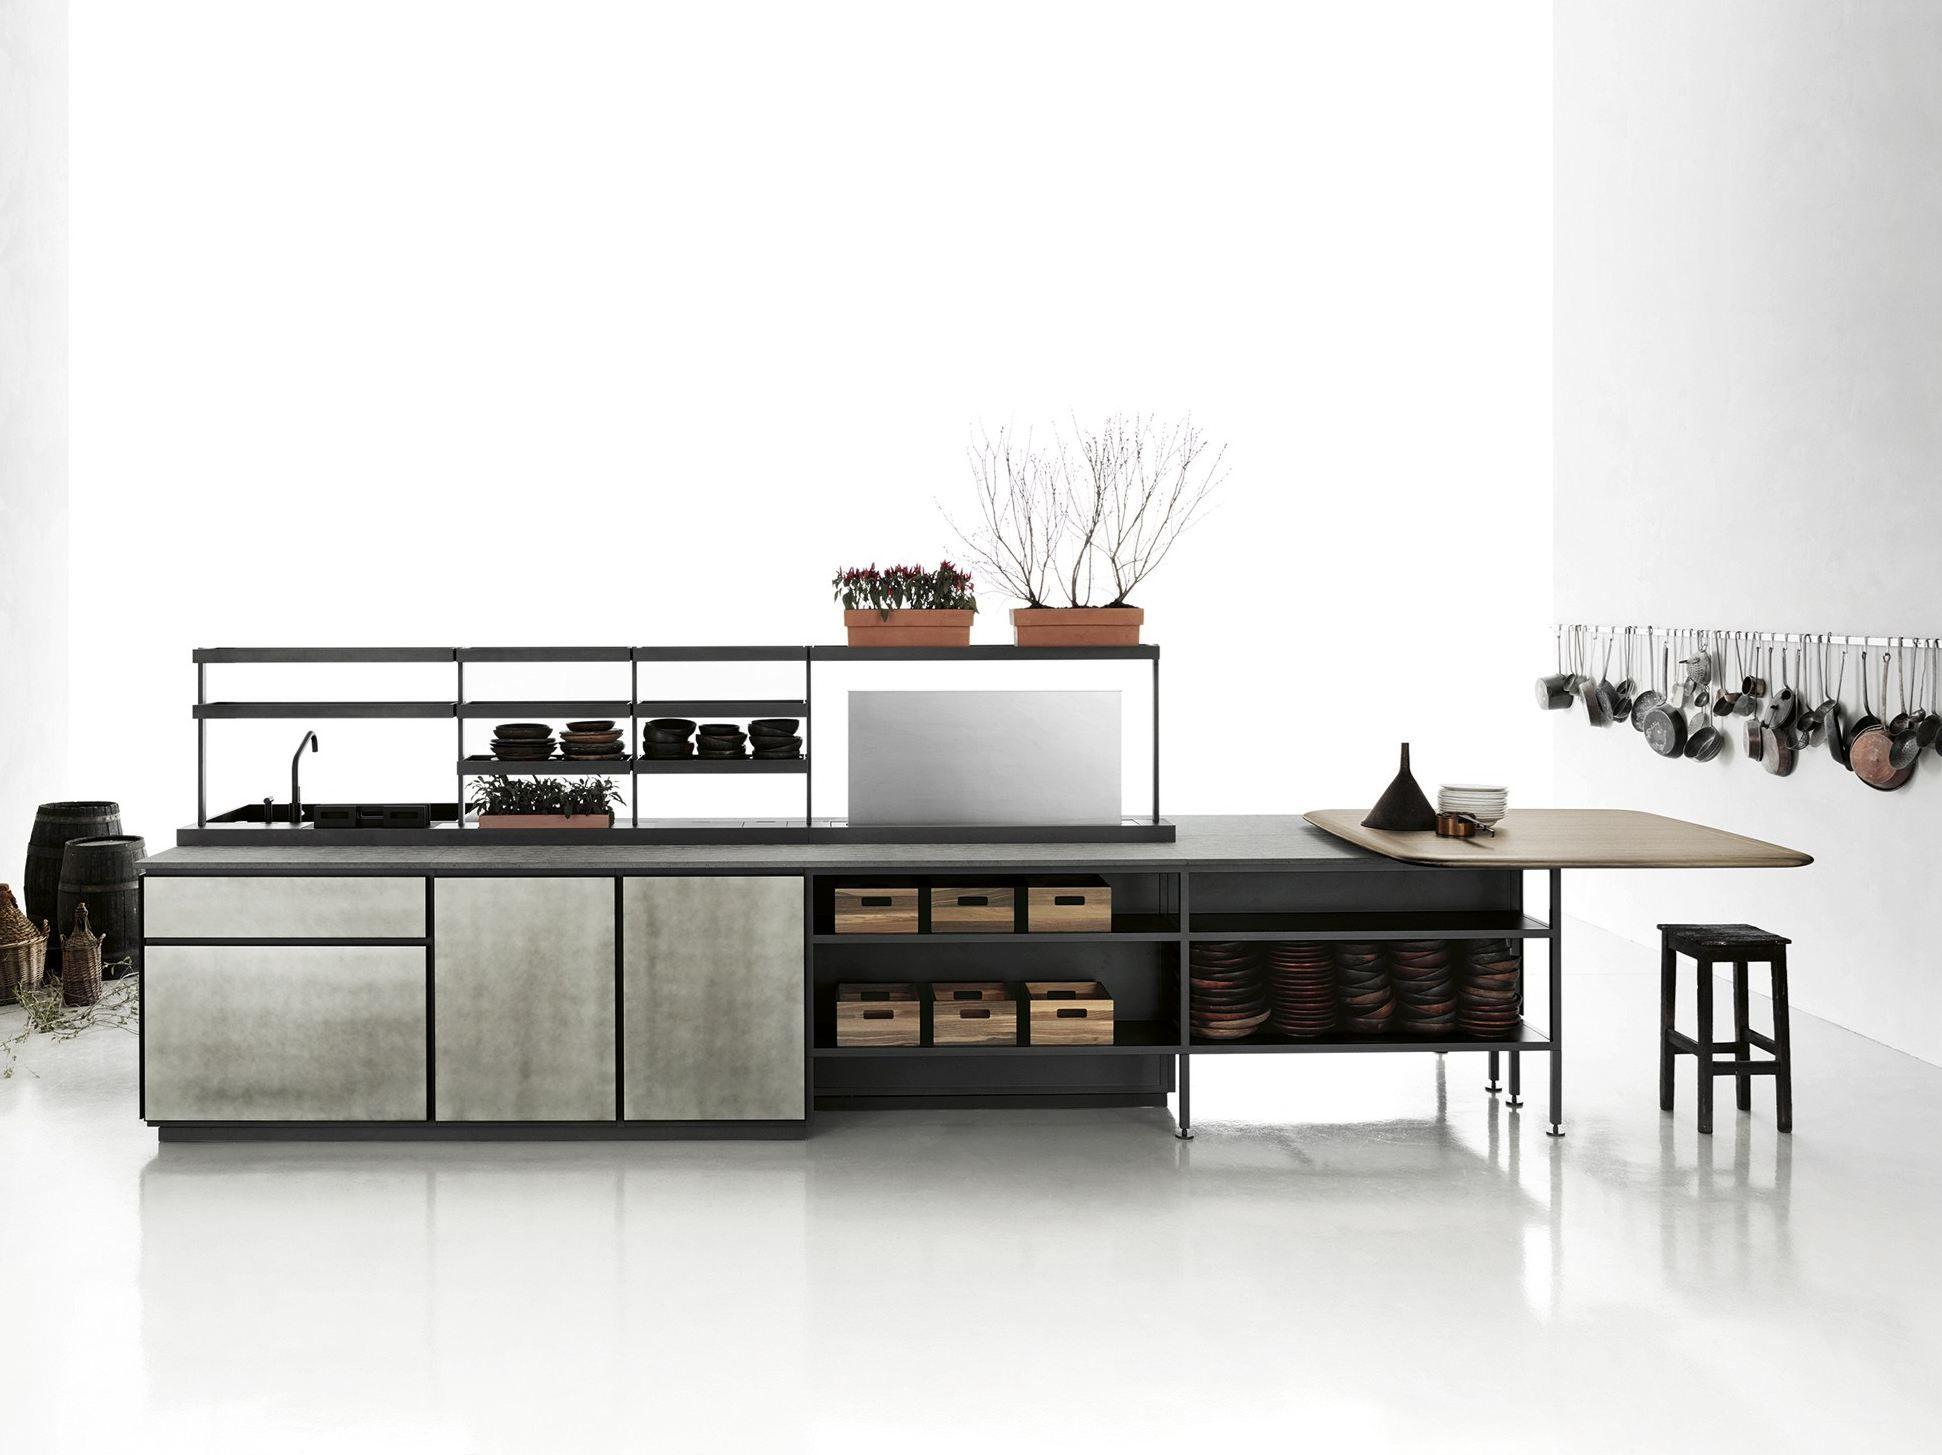 modular kitchen salinas by boffi design patricia urquiola | my, Innenarchitektur ideen